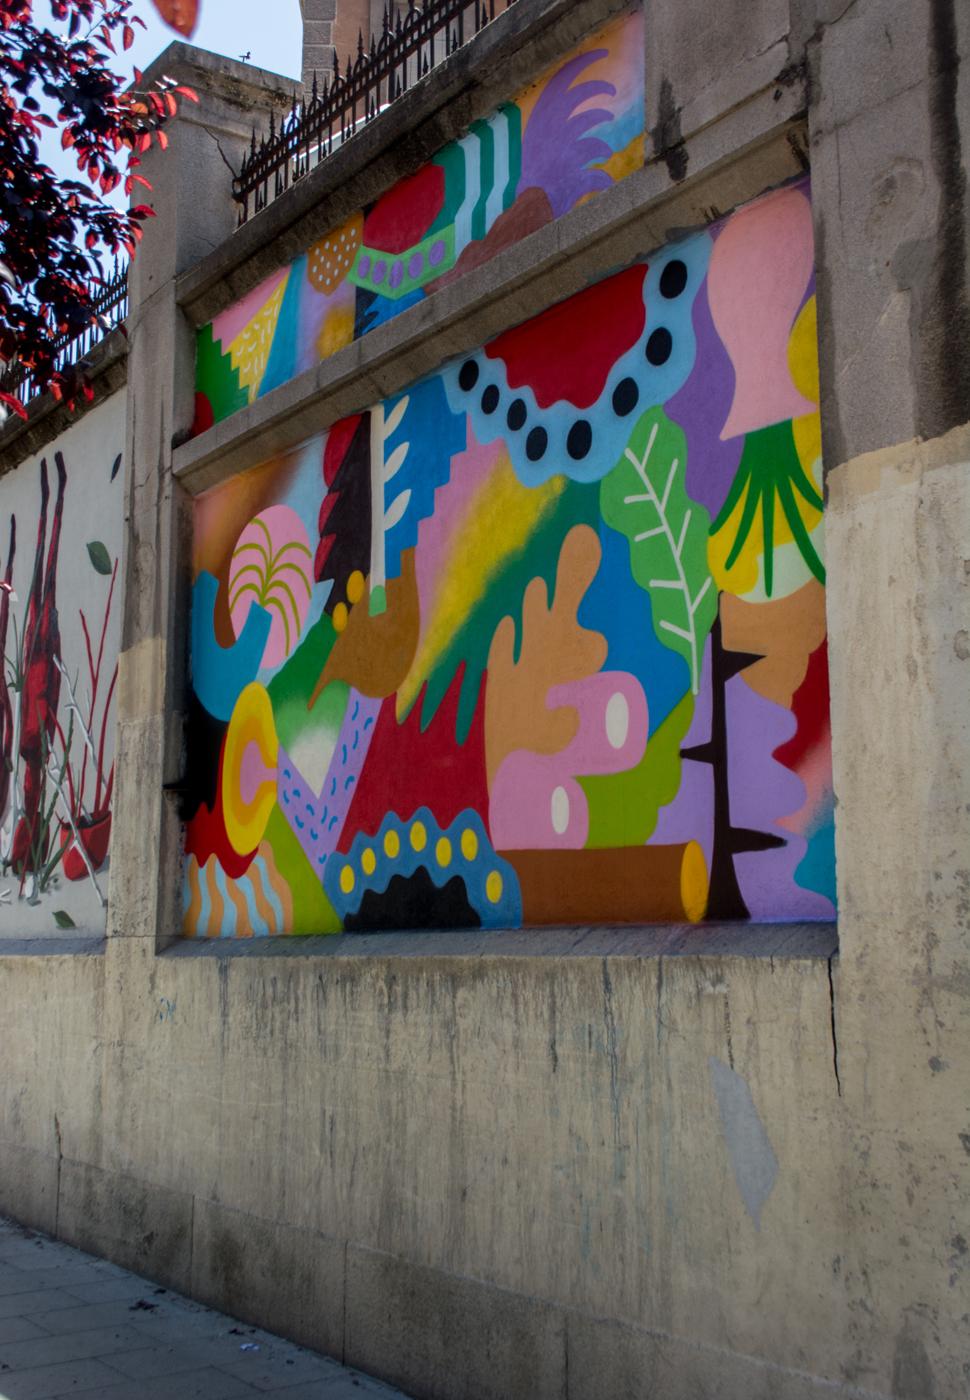 Zosen final - MurosTabacalera by Guillermo de la Madrid - Madrid Street Art Project.jpg